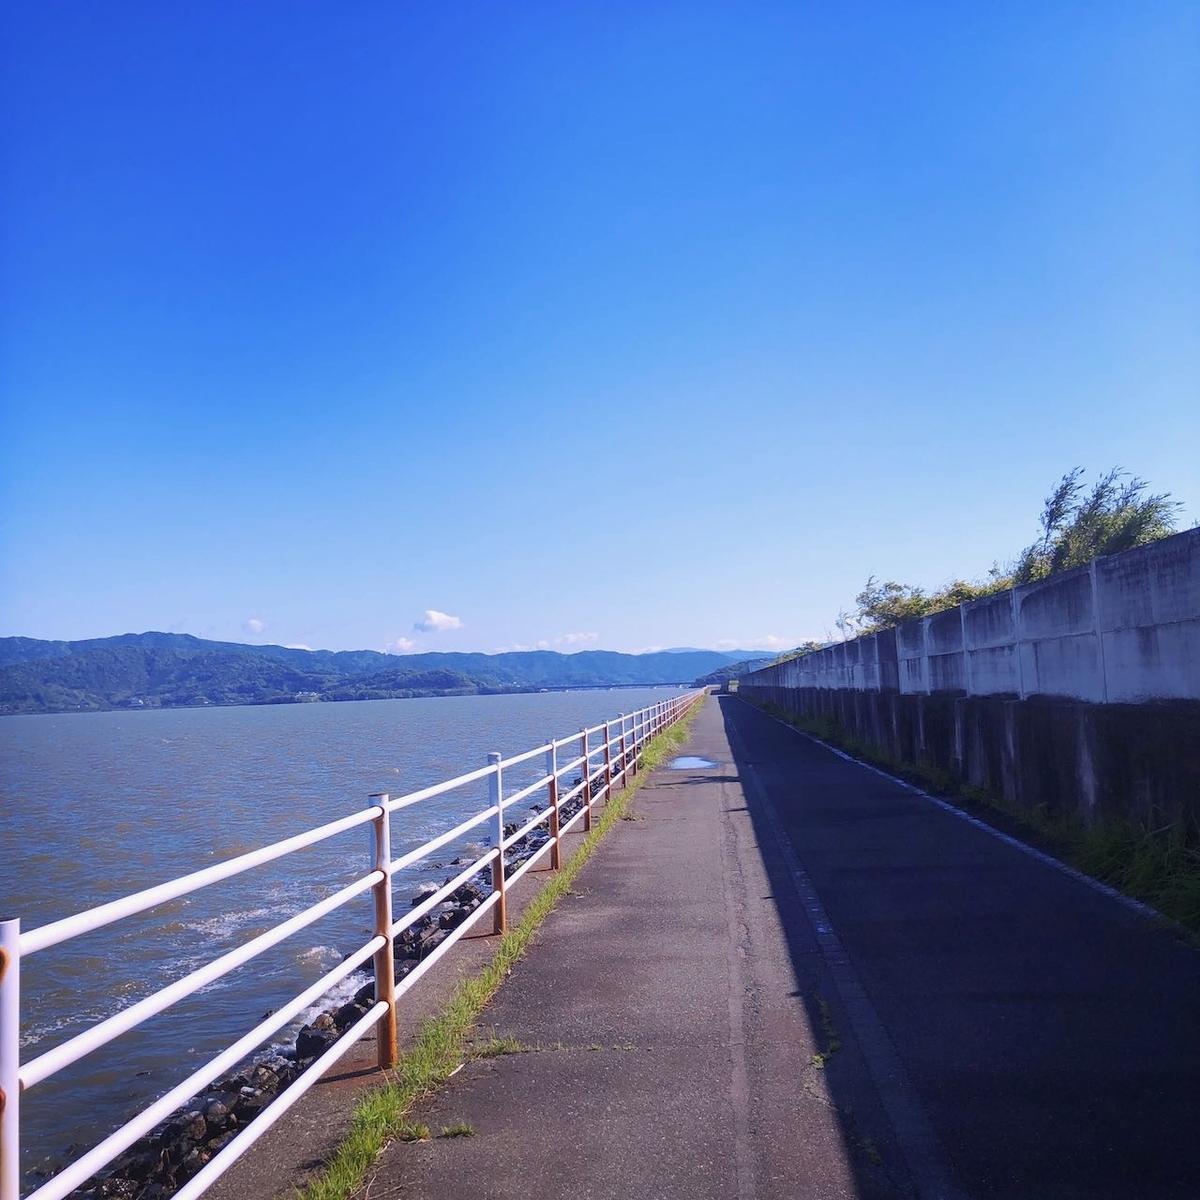 f:id:mick_kamihara:20210523074746j:plain